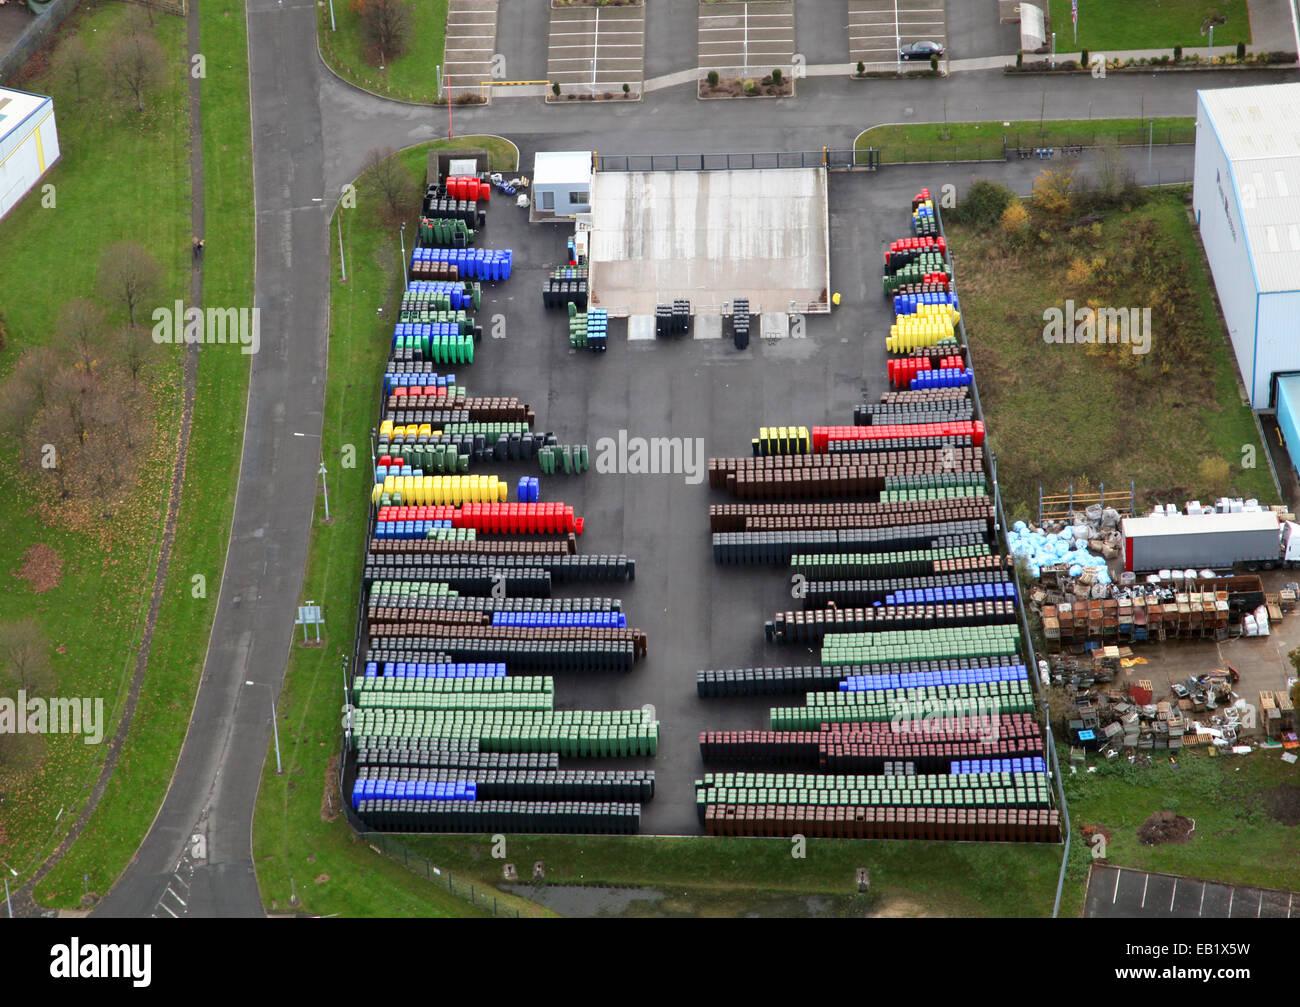 Vue aérienne de contenants de plastique en couleur d'une usine à Telford Photo Stock